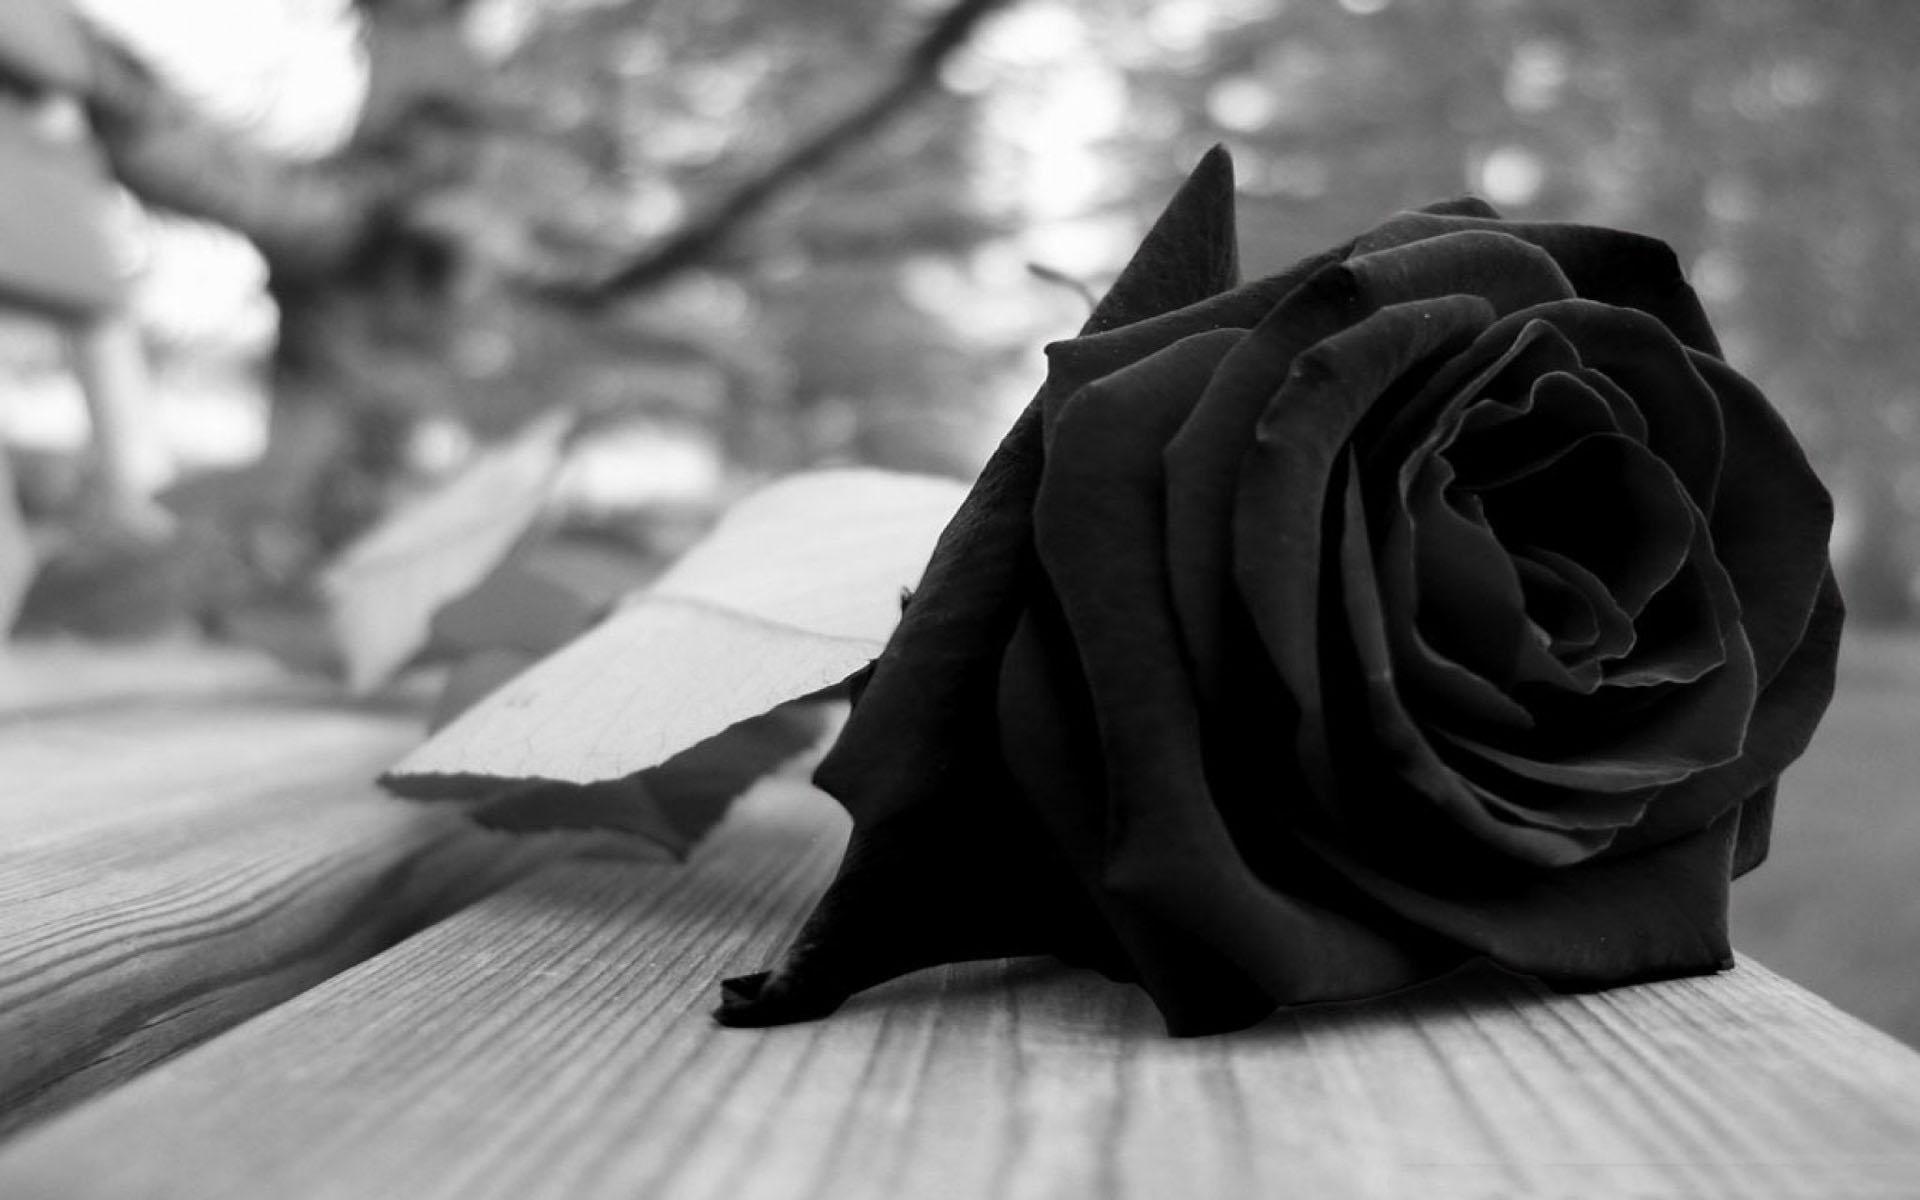 Hình ảnh bông hoa hồng nằm trên ghế